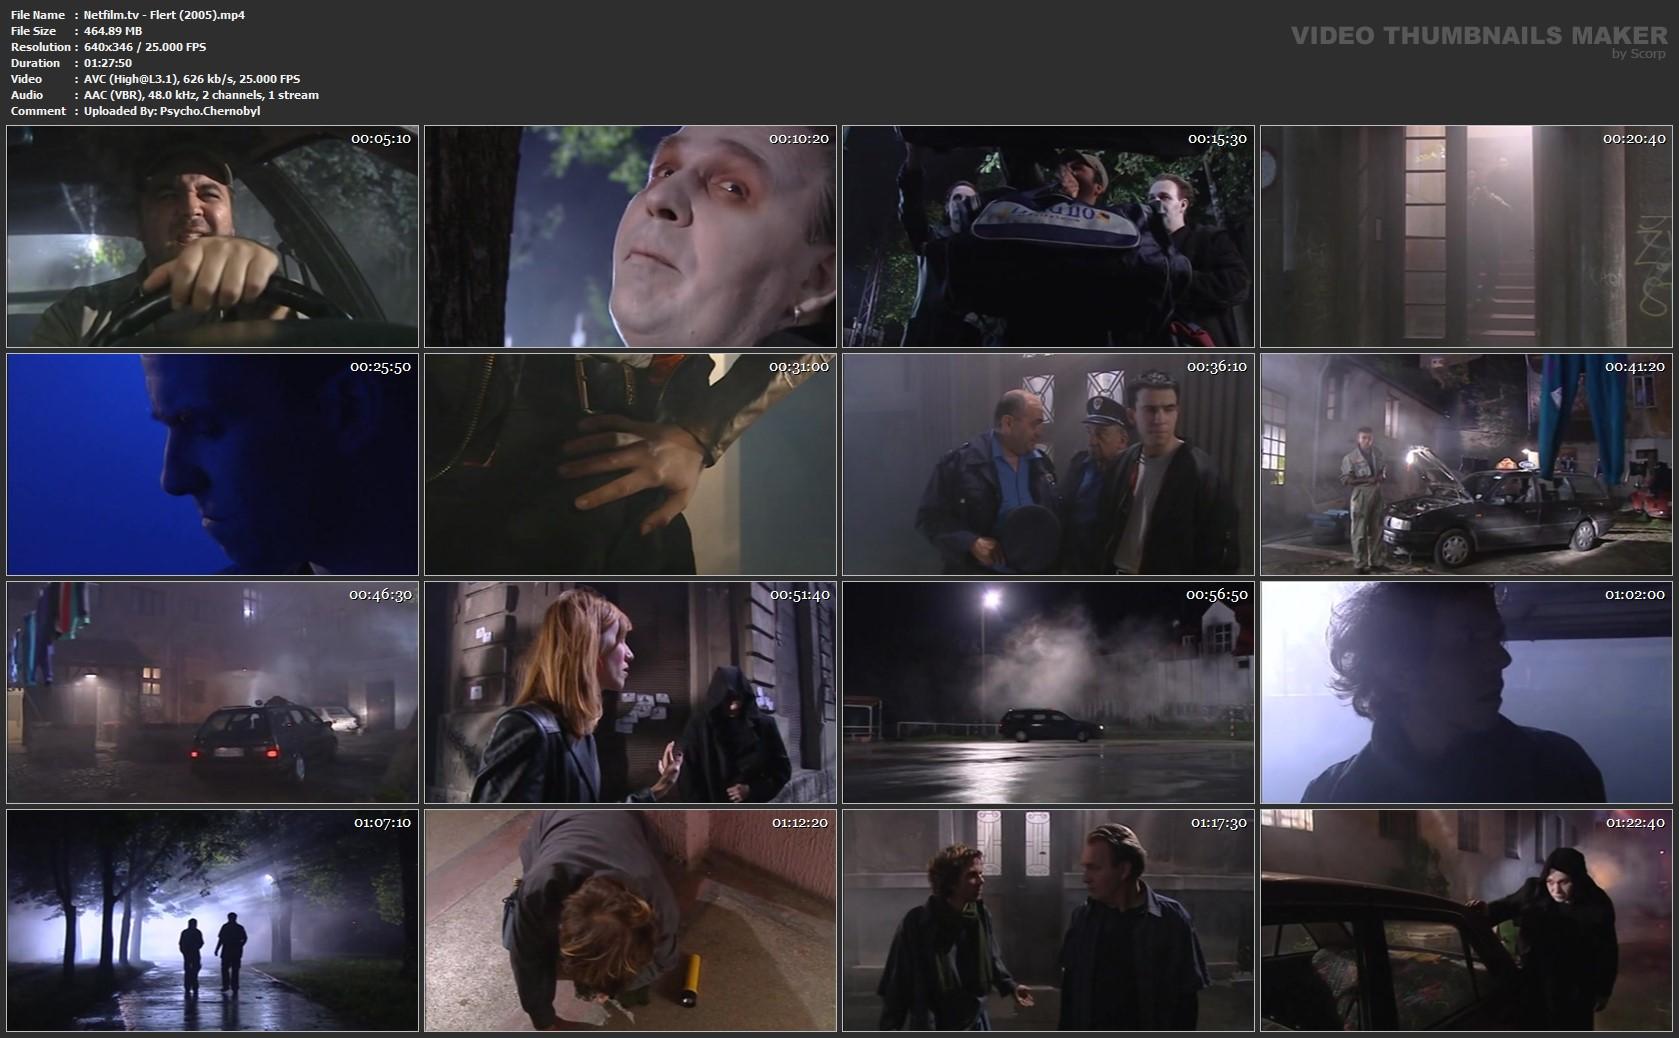 Netfilm-tv-Flert-2005-mp4.jpg